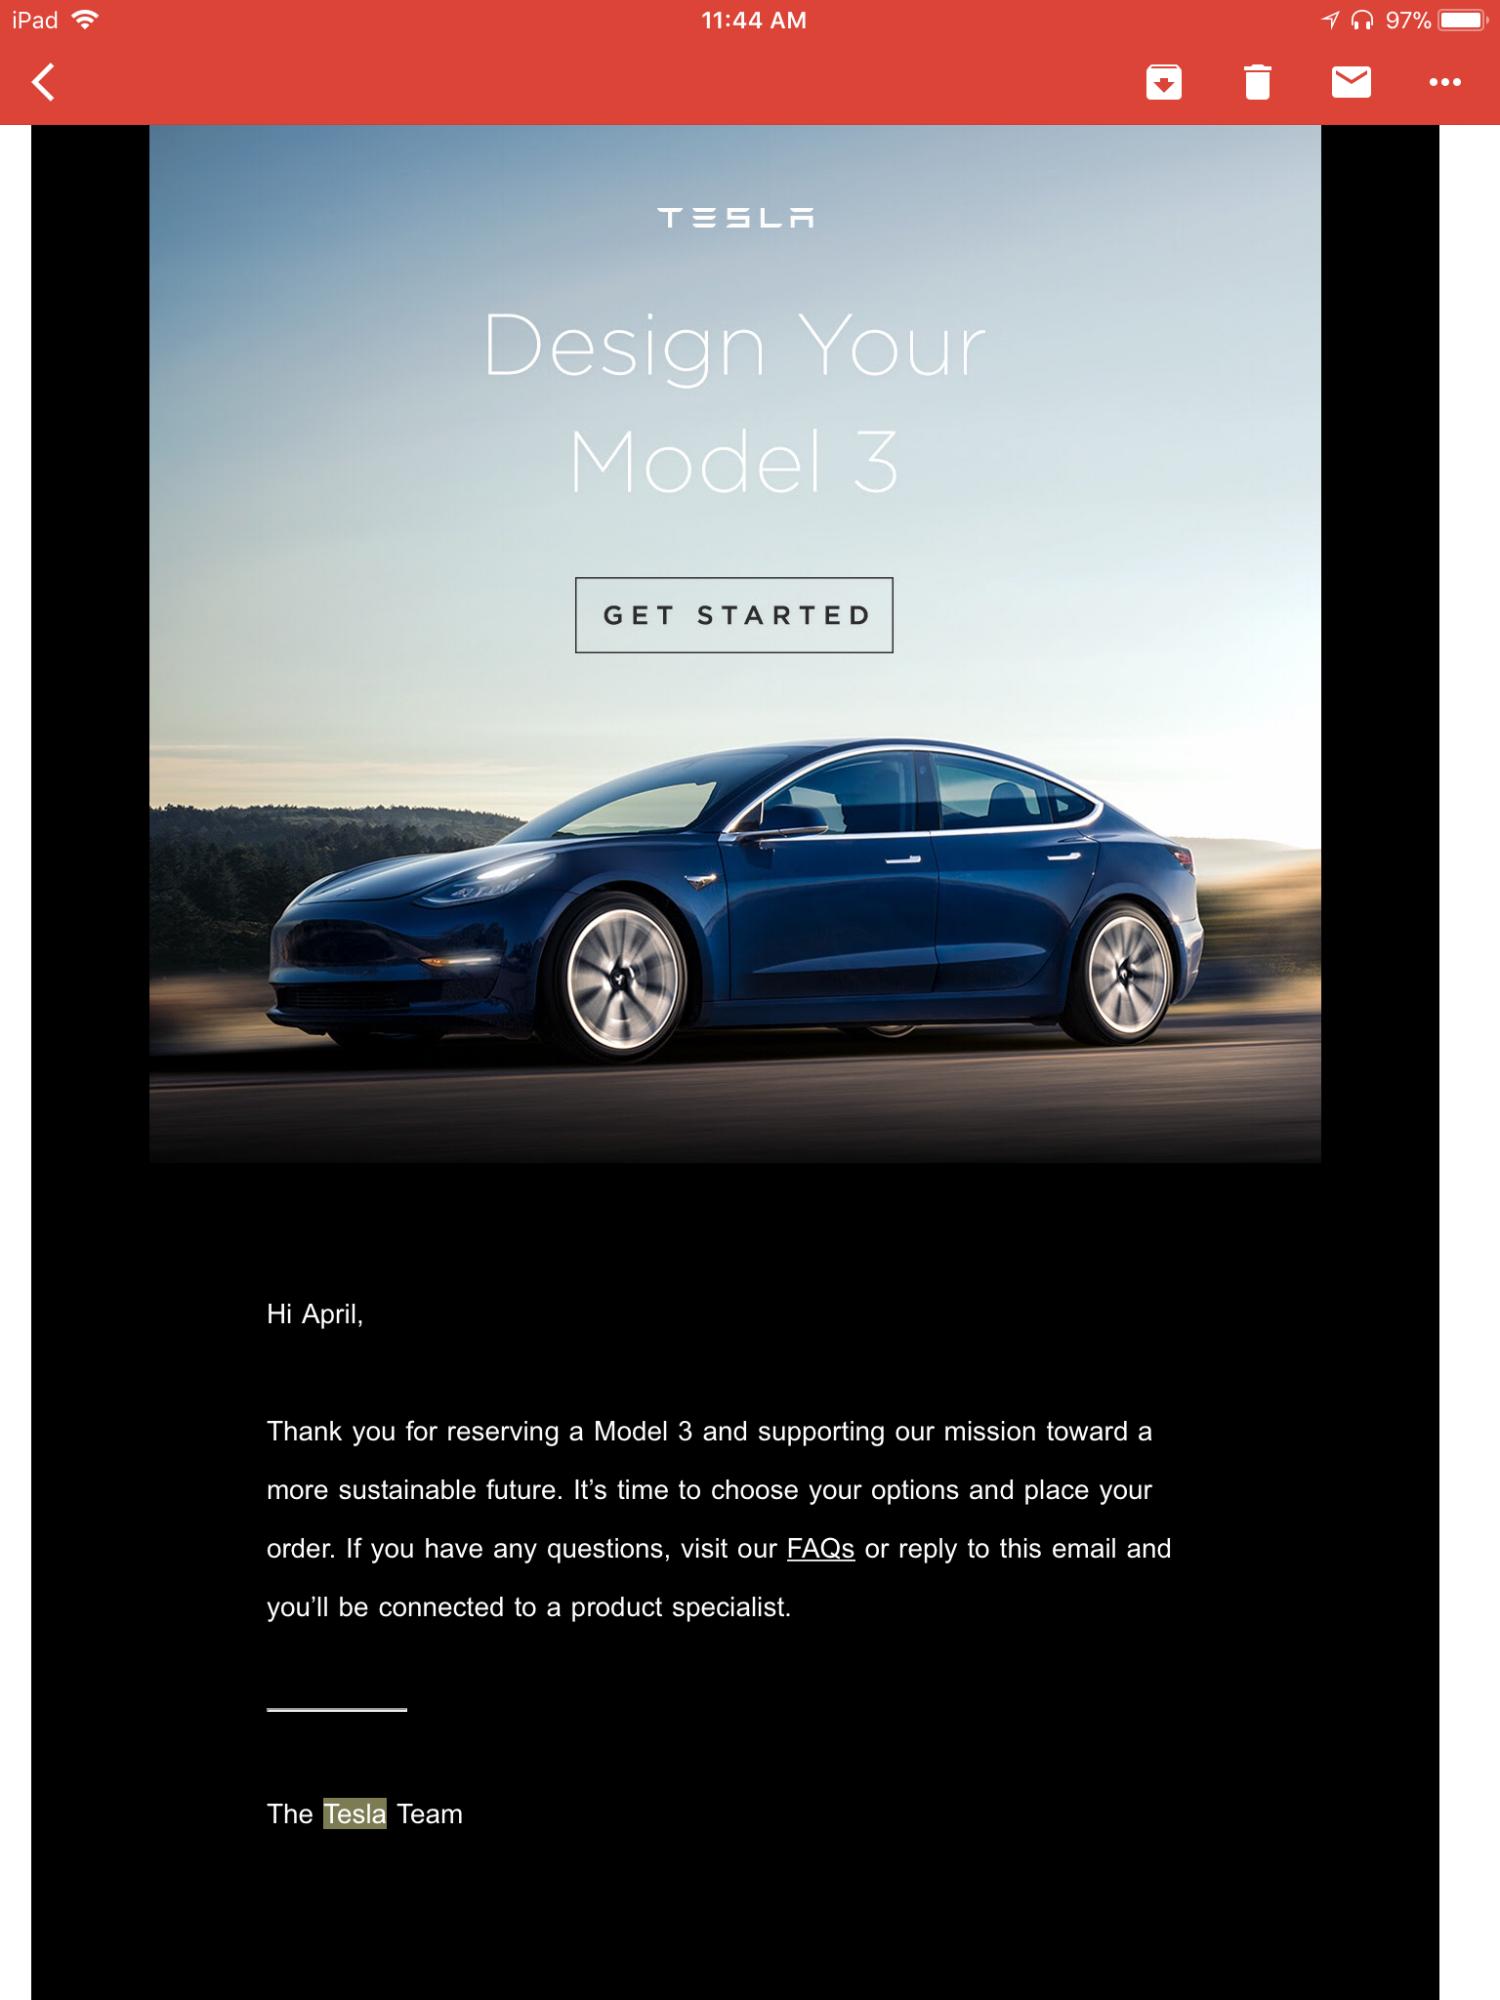 S Curve Tesla Model 3 email.png